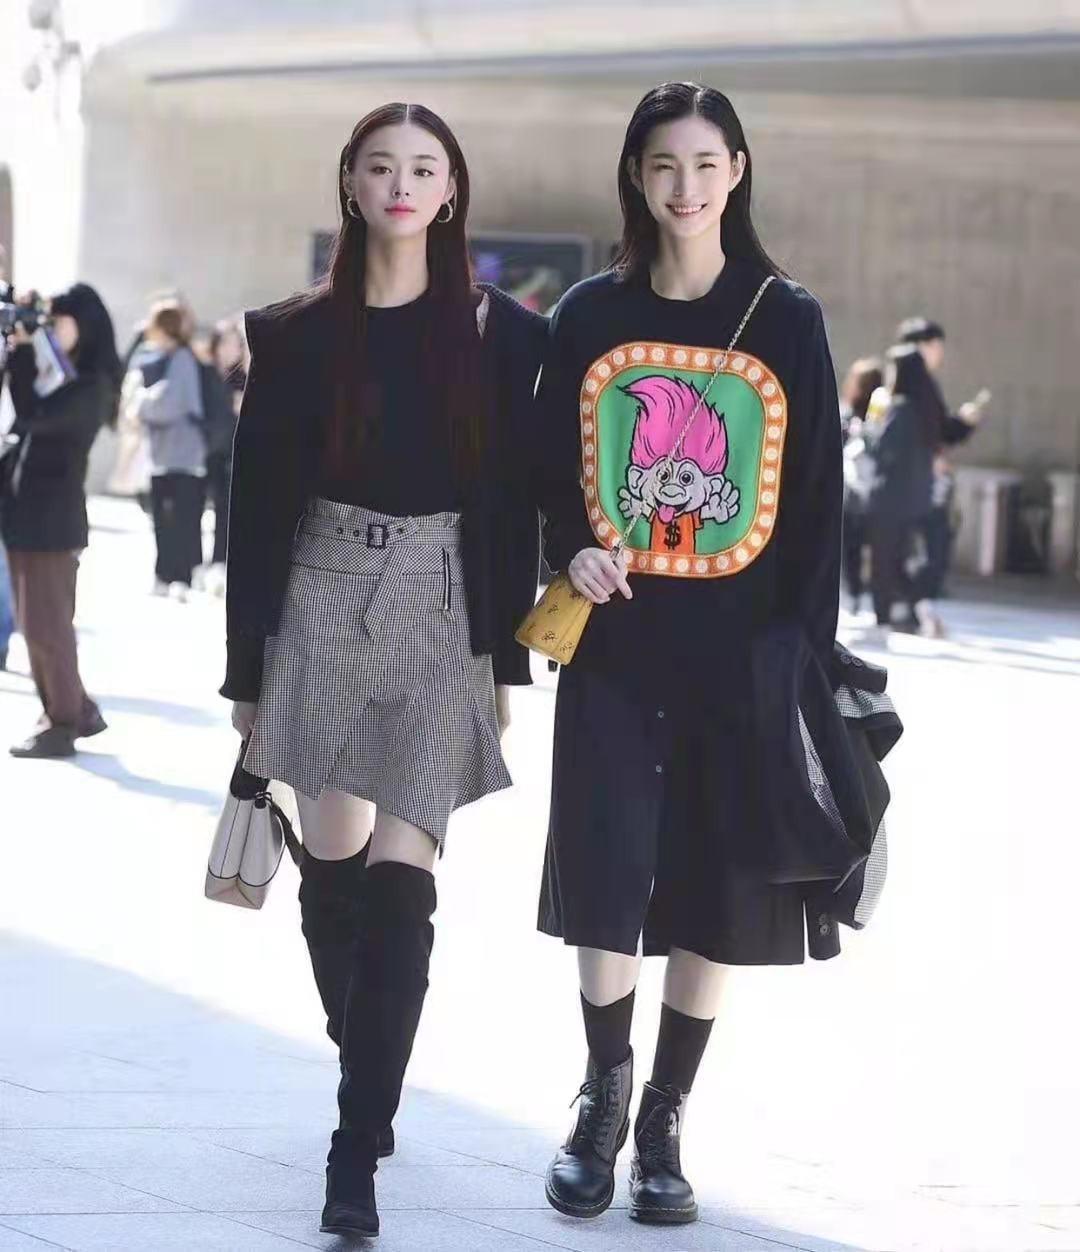 還是韓國街拍最自然,一點也不辣眼睛!穿搭簡約時尚值得借鏡 形象穿搭 第4張